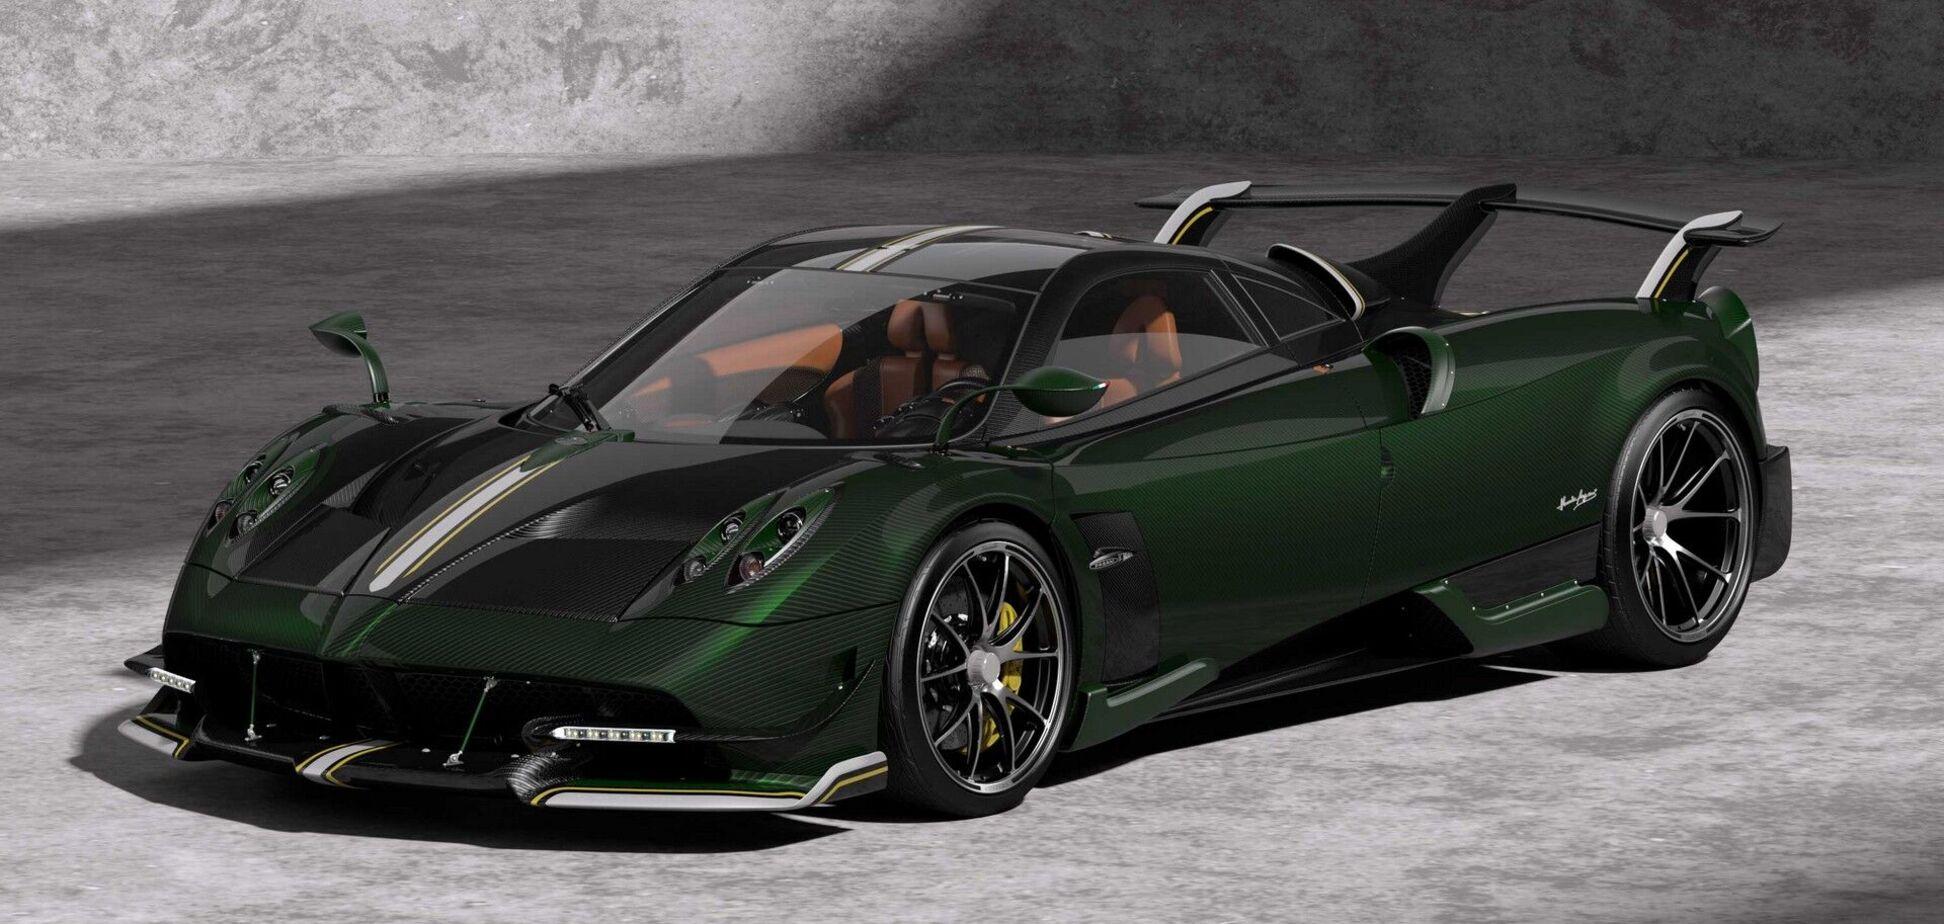 Pagani привезет на фестиваль в Калифорнии новый суперкар